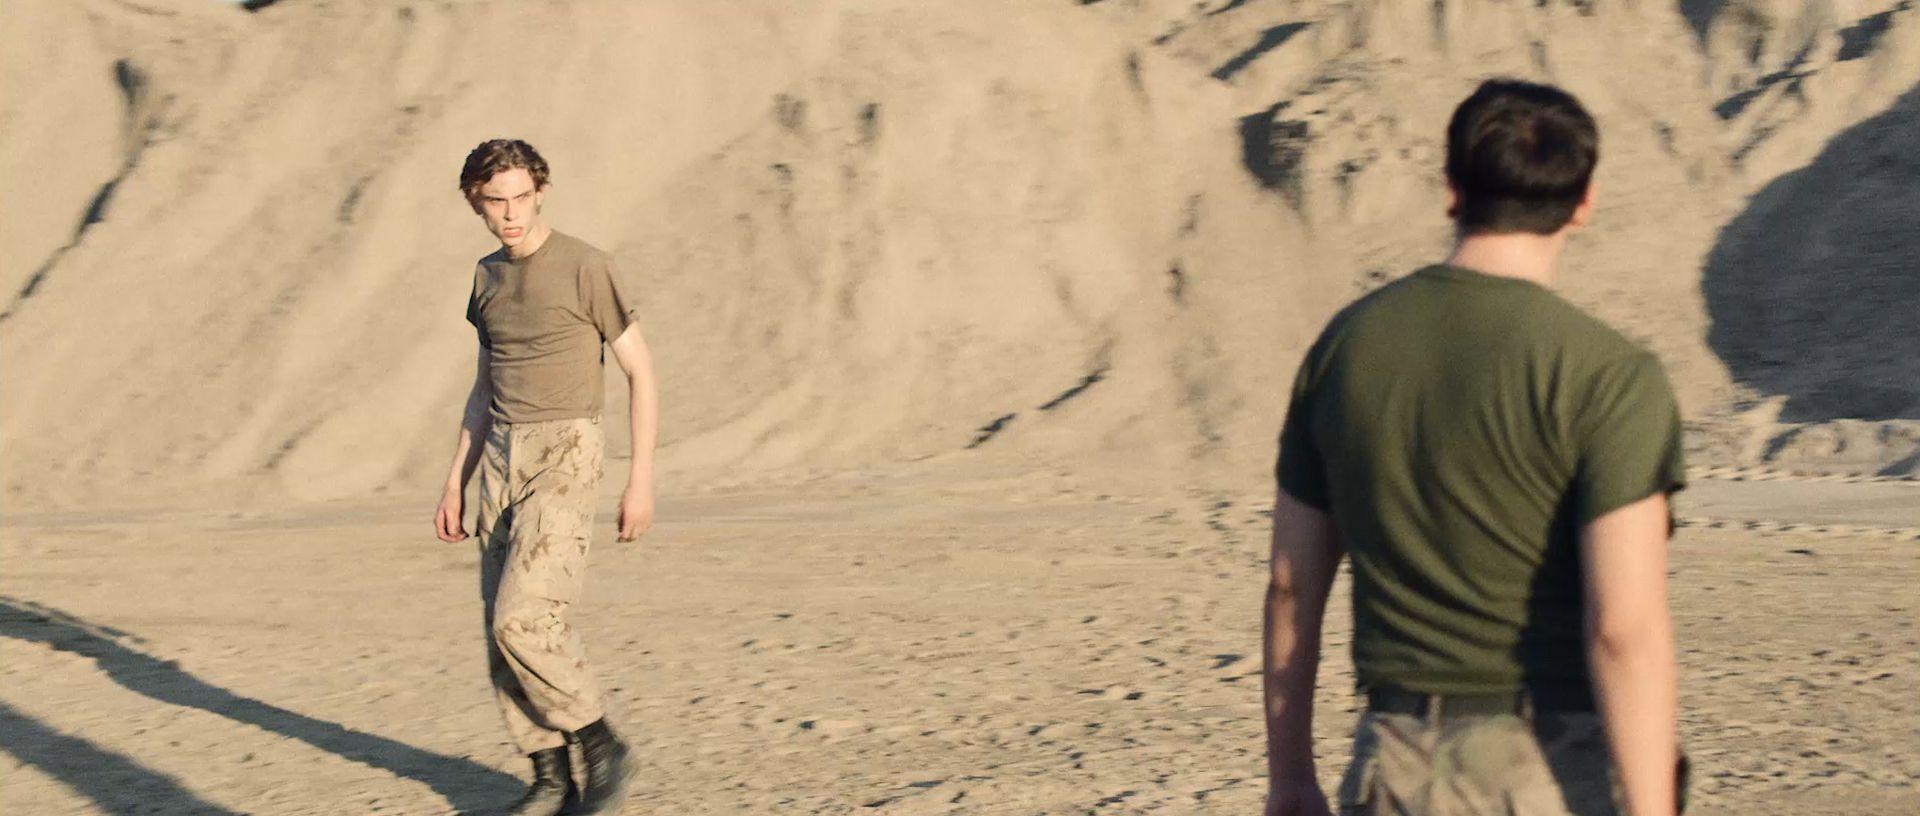 Soldats duel danse base militaire paysage désertique